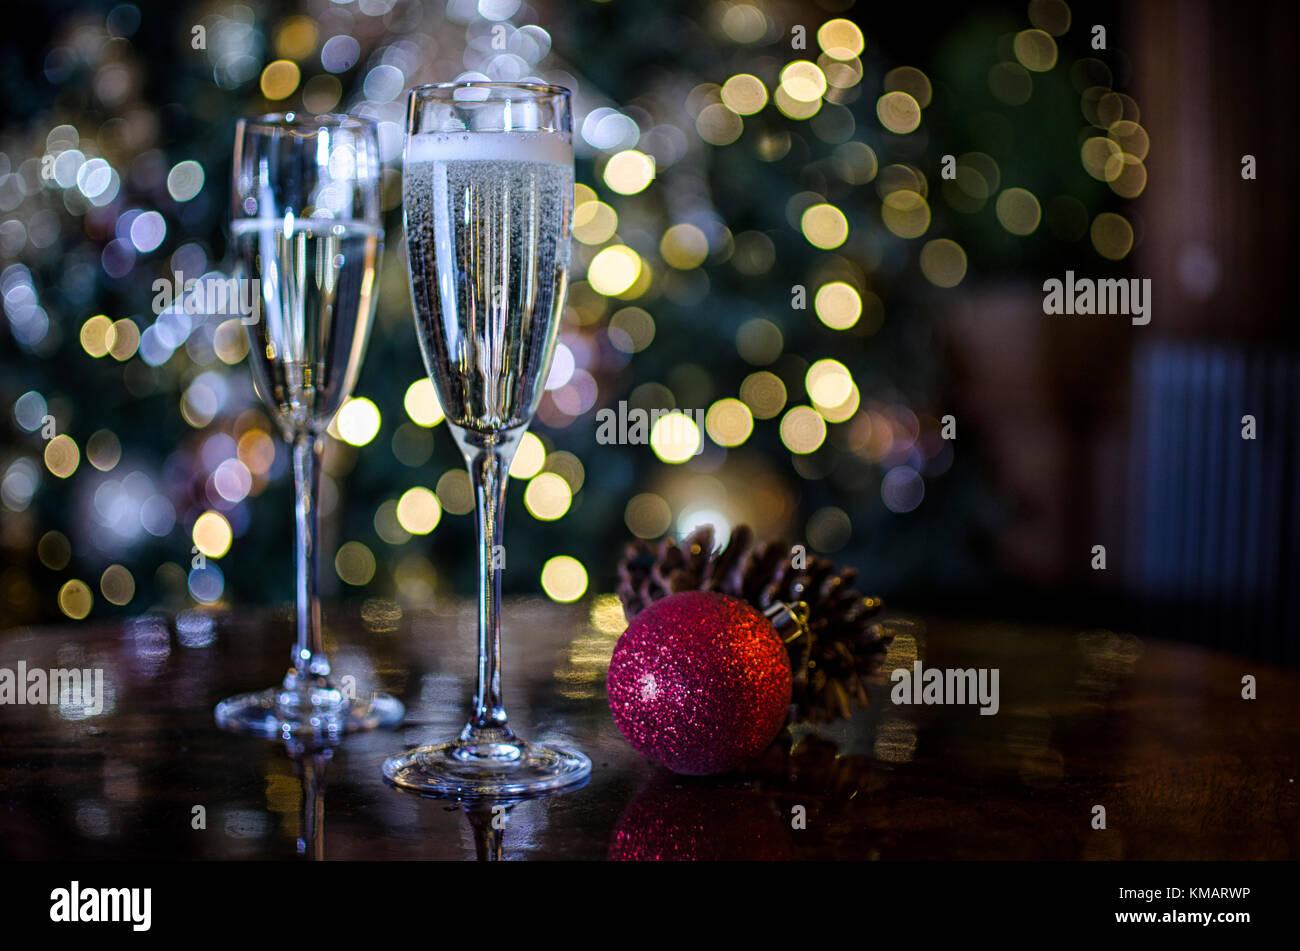 Zwei Sektgläser von Weihnachtsschmuck umgeben Stockbild